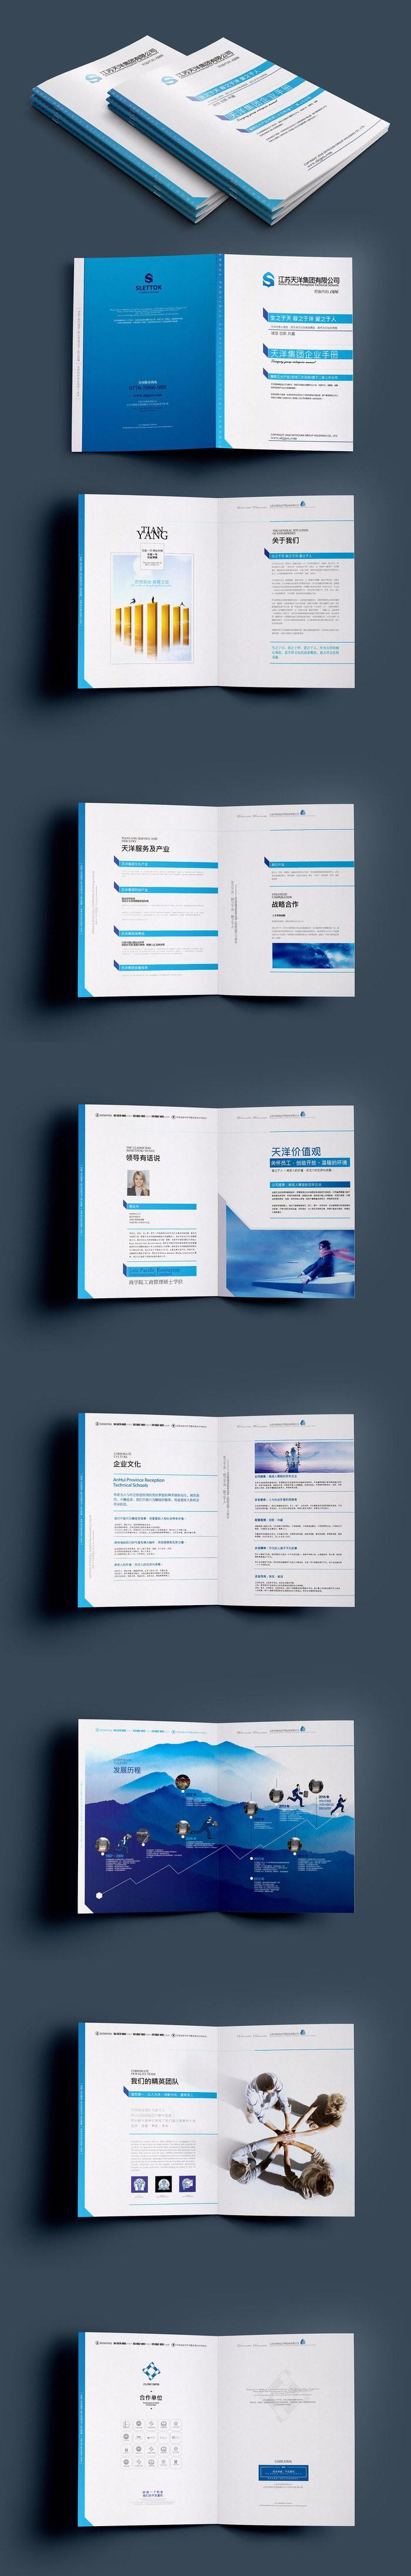 合肥画册设计,合肥画册设计公司,合肥宣传册设计,合肥彩页设计,合肥样本设计